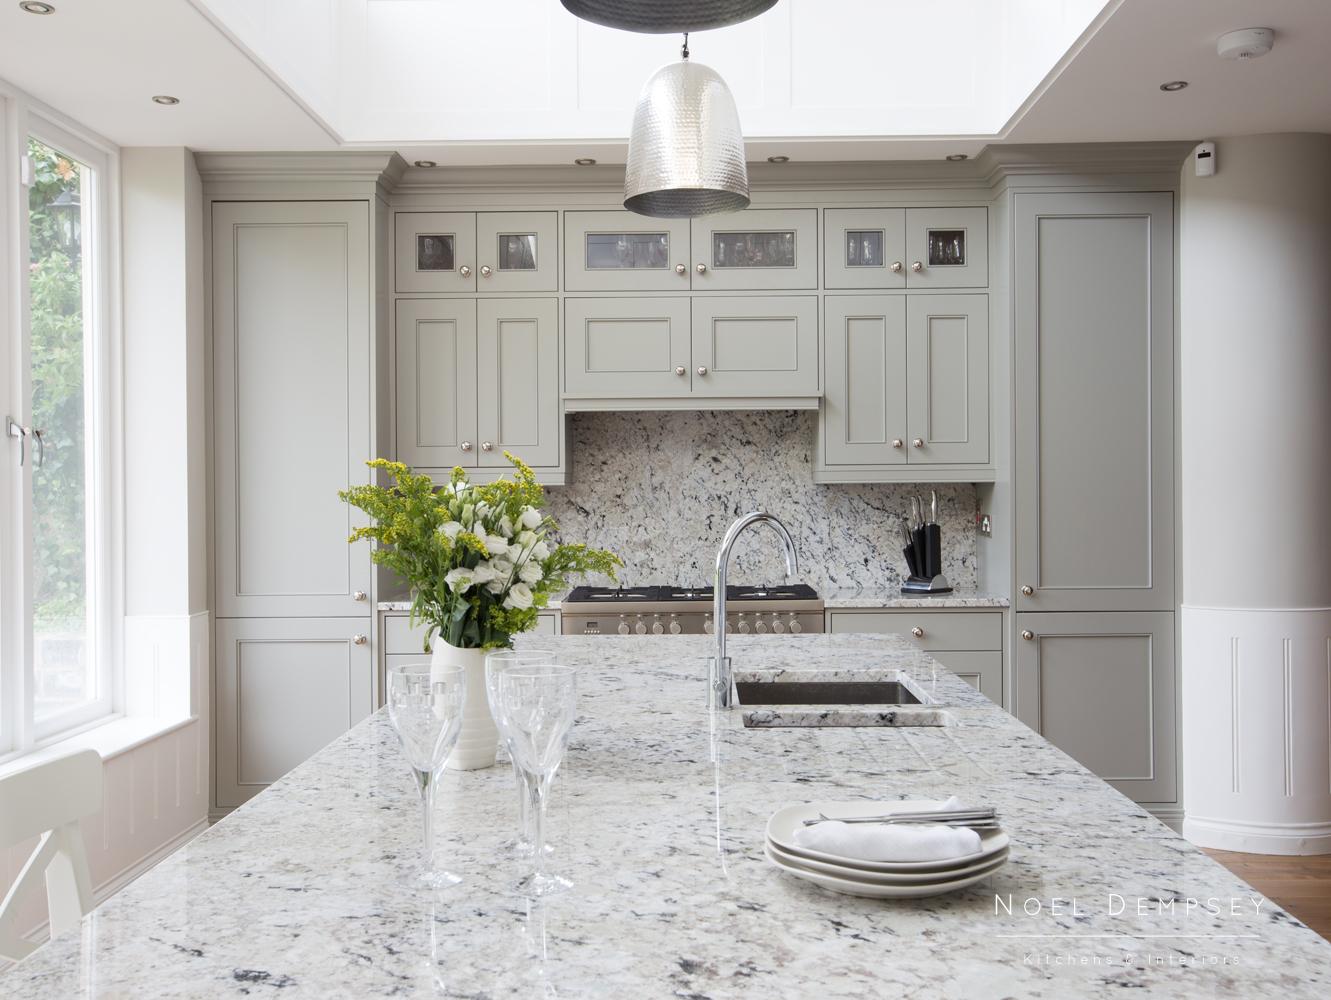 Eaton-Painted-Kitchen-Dublin-2.jpg